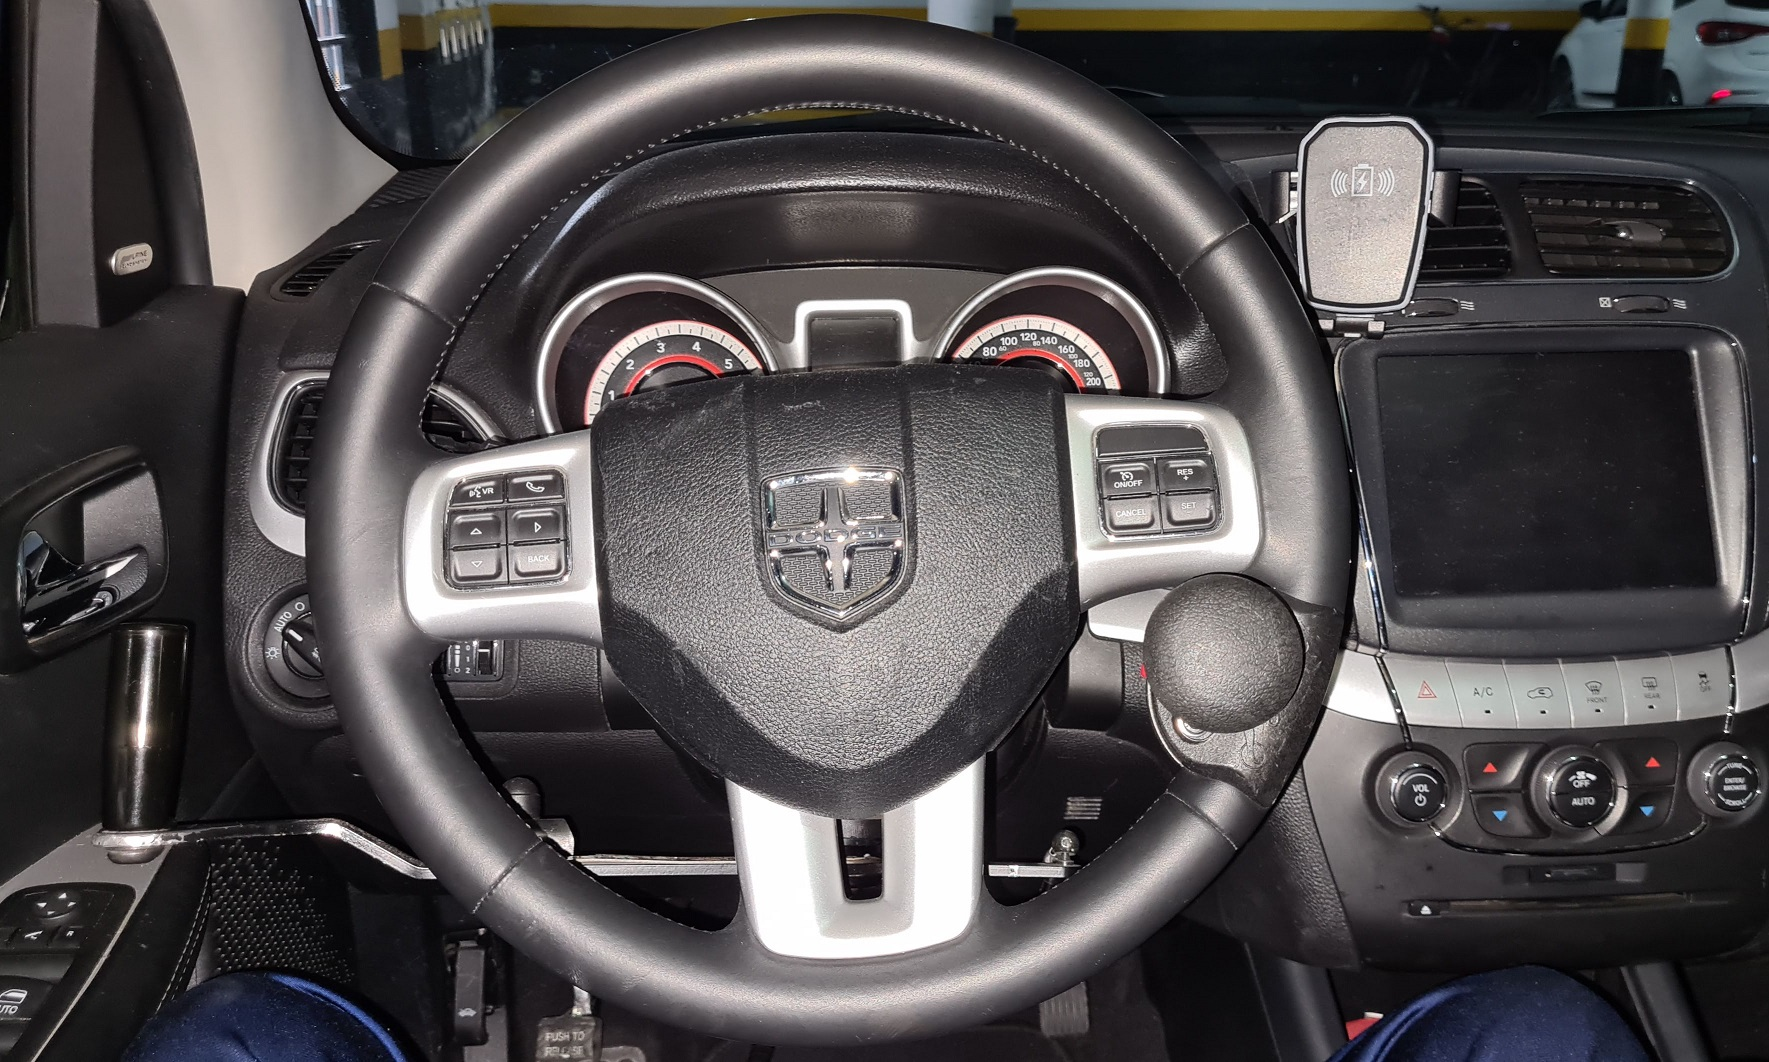 volante com pomo giratorio pcd